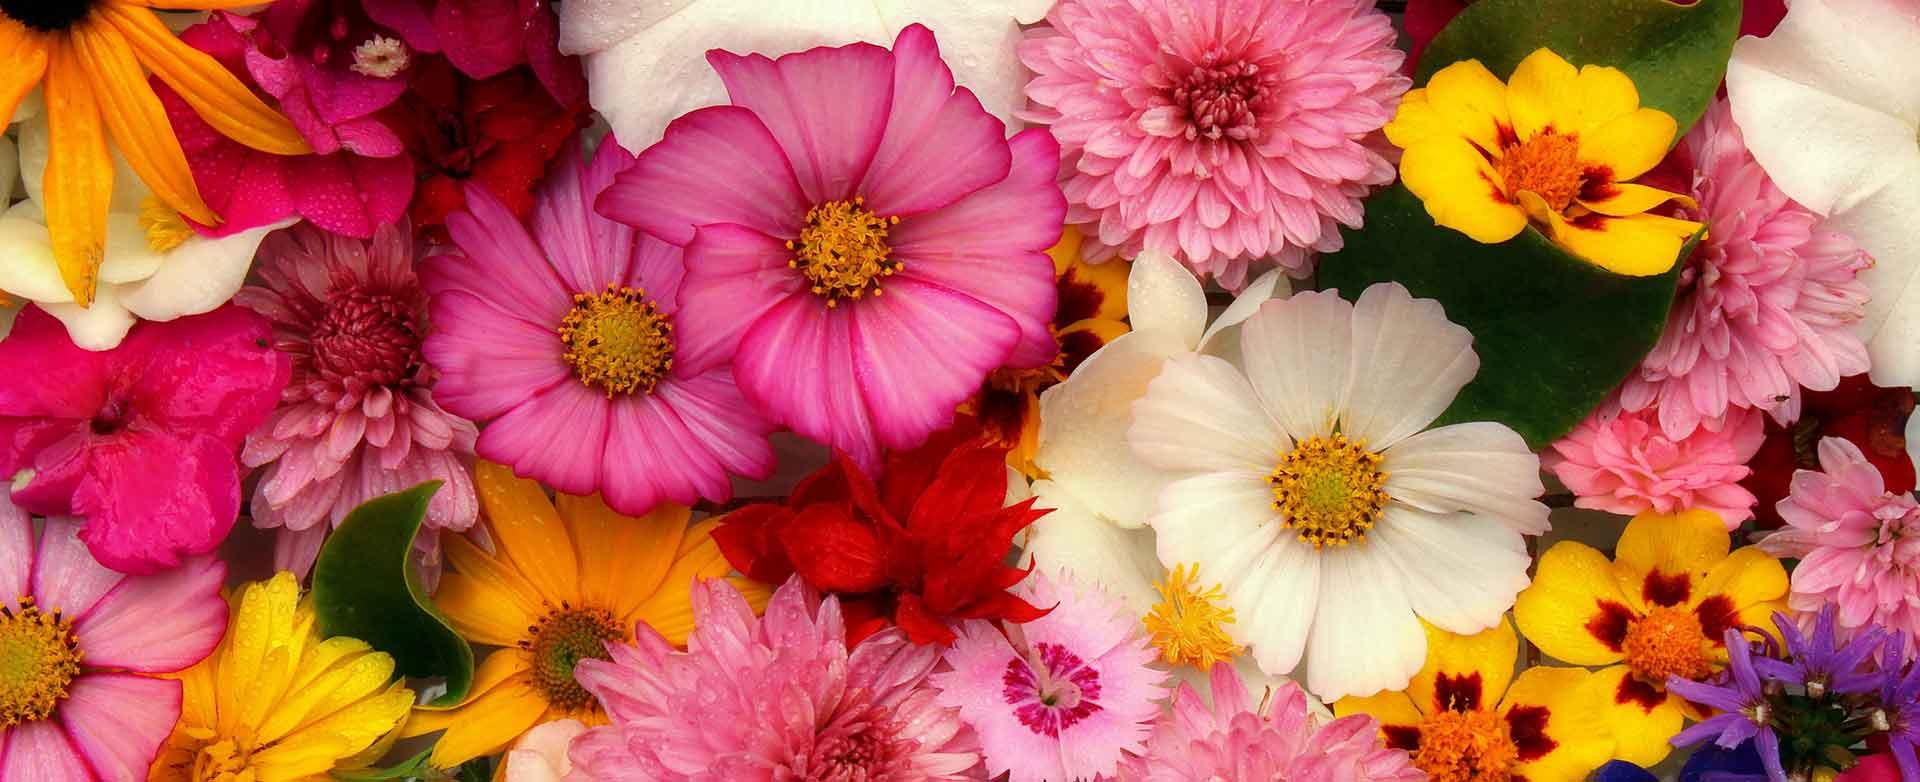 flowers-3644676@1920x782